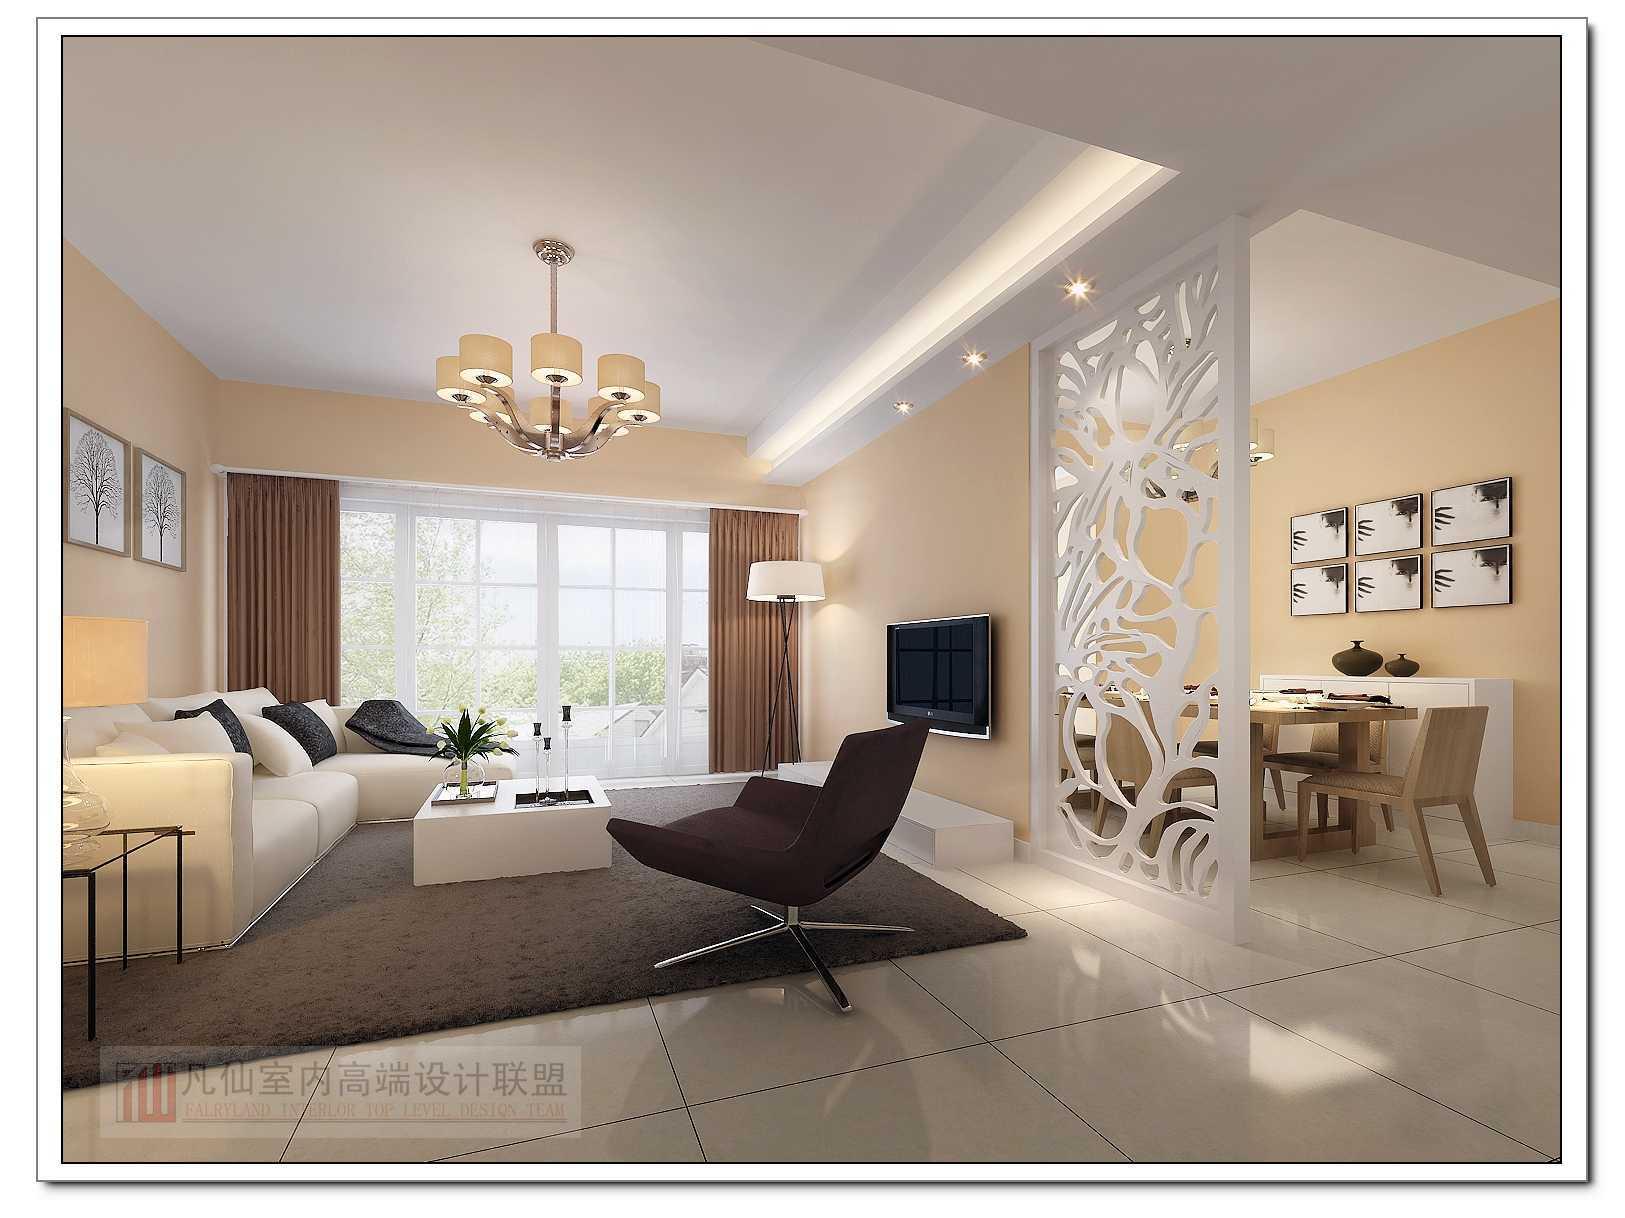 十大后现代客厅装修风格装修效果图